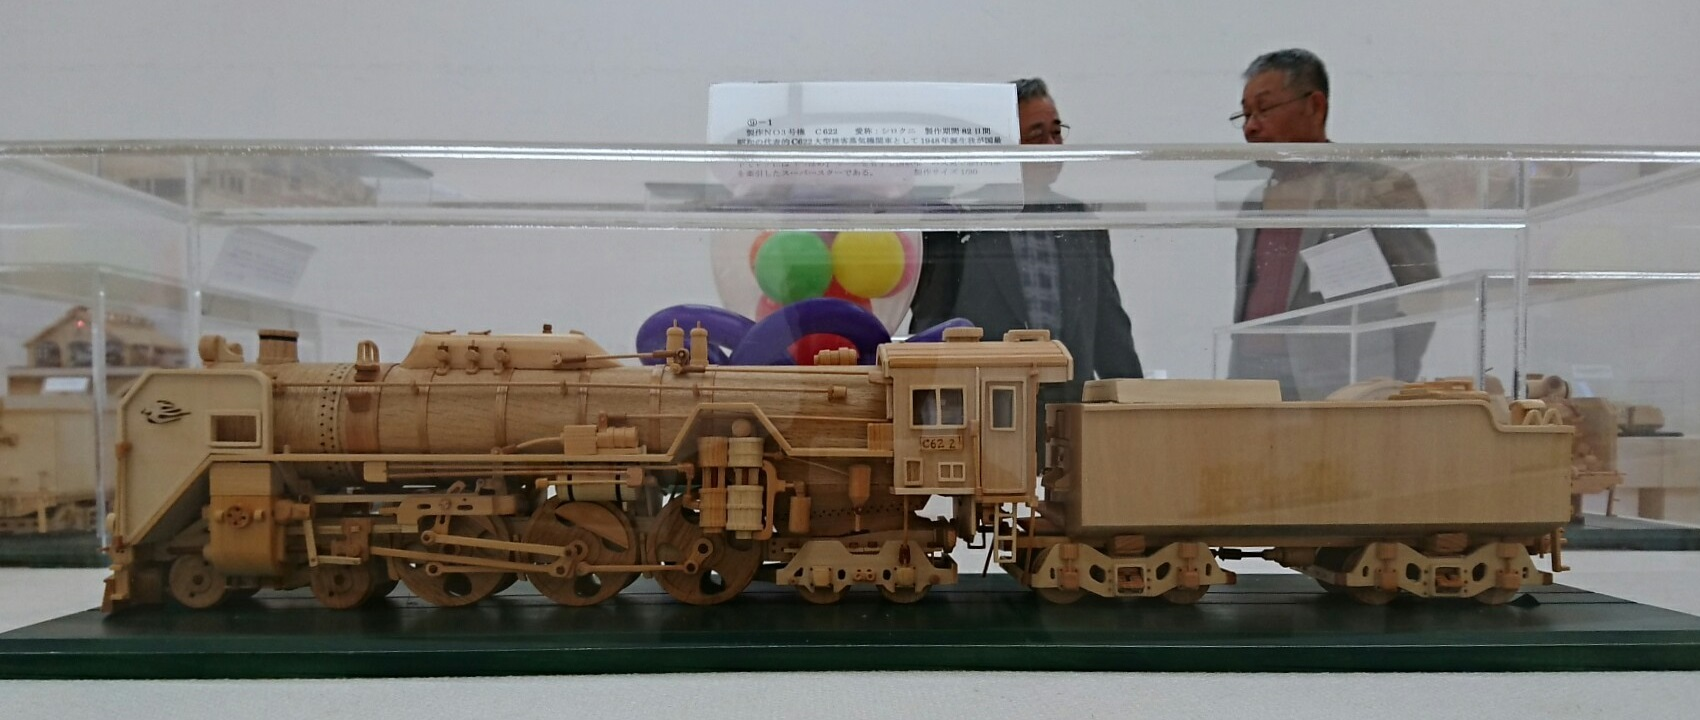 2018.3.24 木工細工蒸気機関車作品展 (9) C622 1700-720